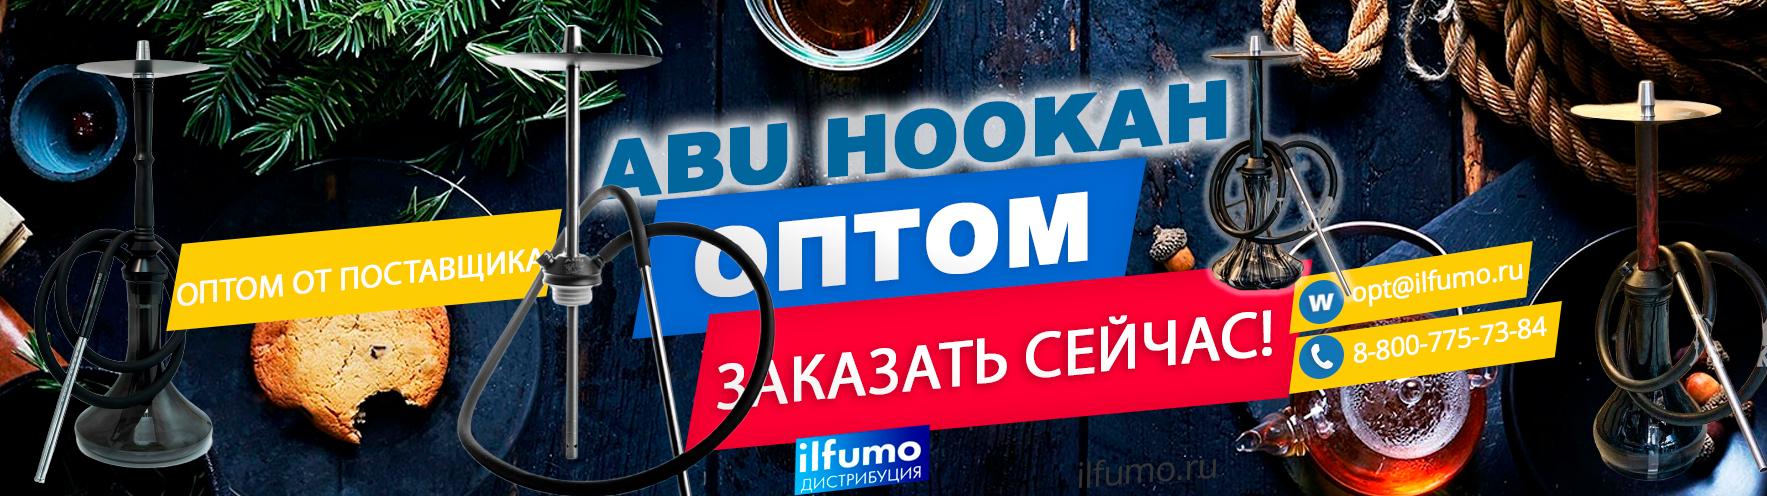 kaljan abu hookah optom - Кальян Abu Hookah